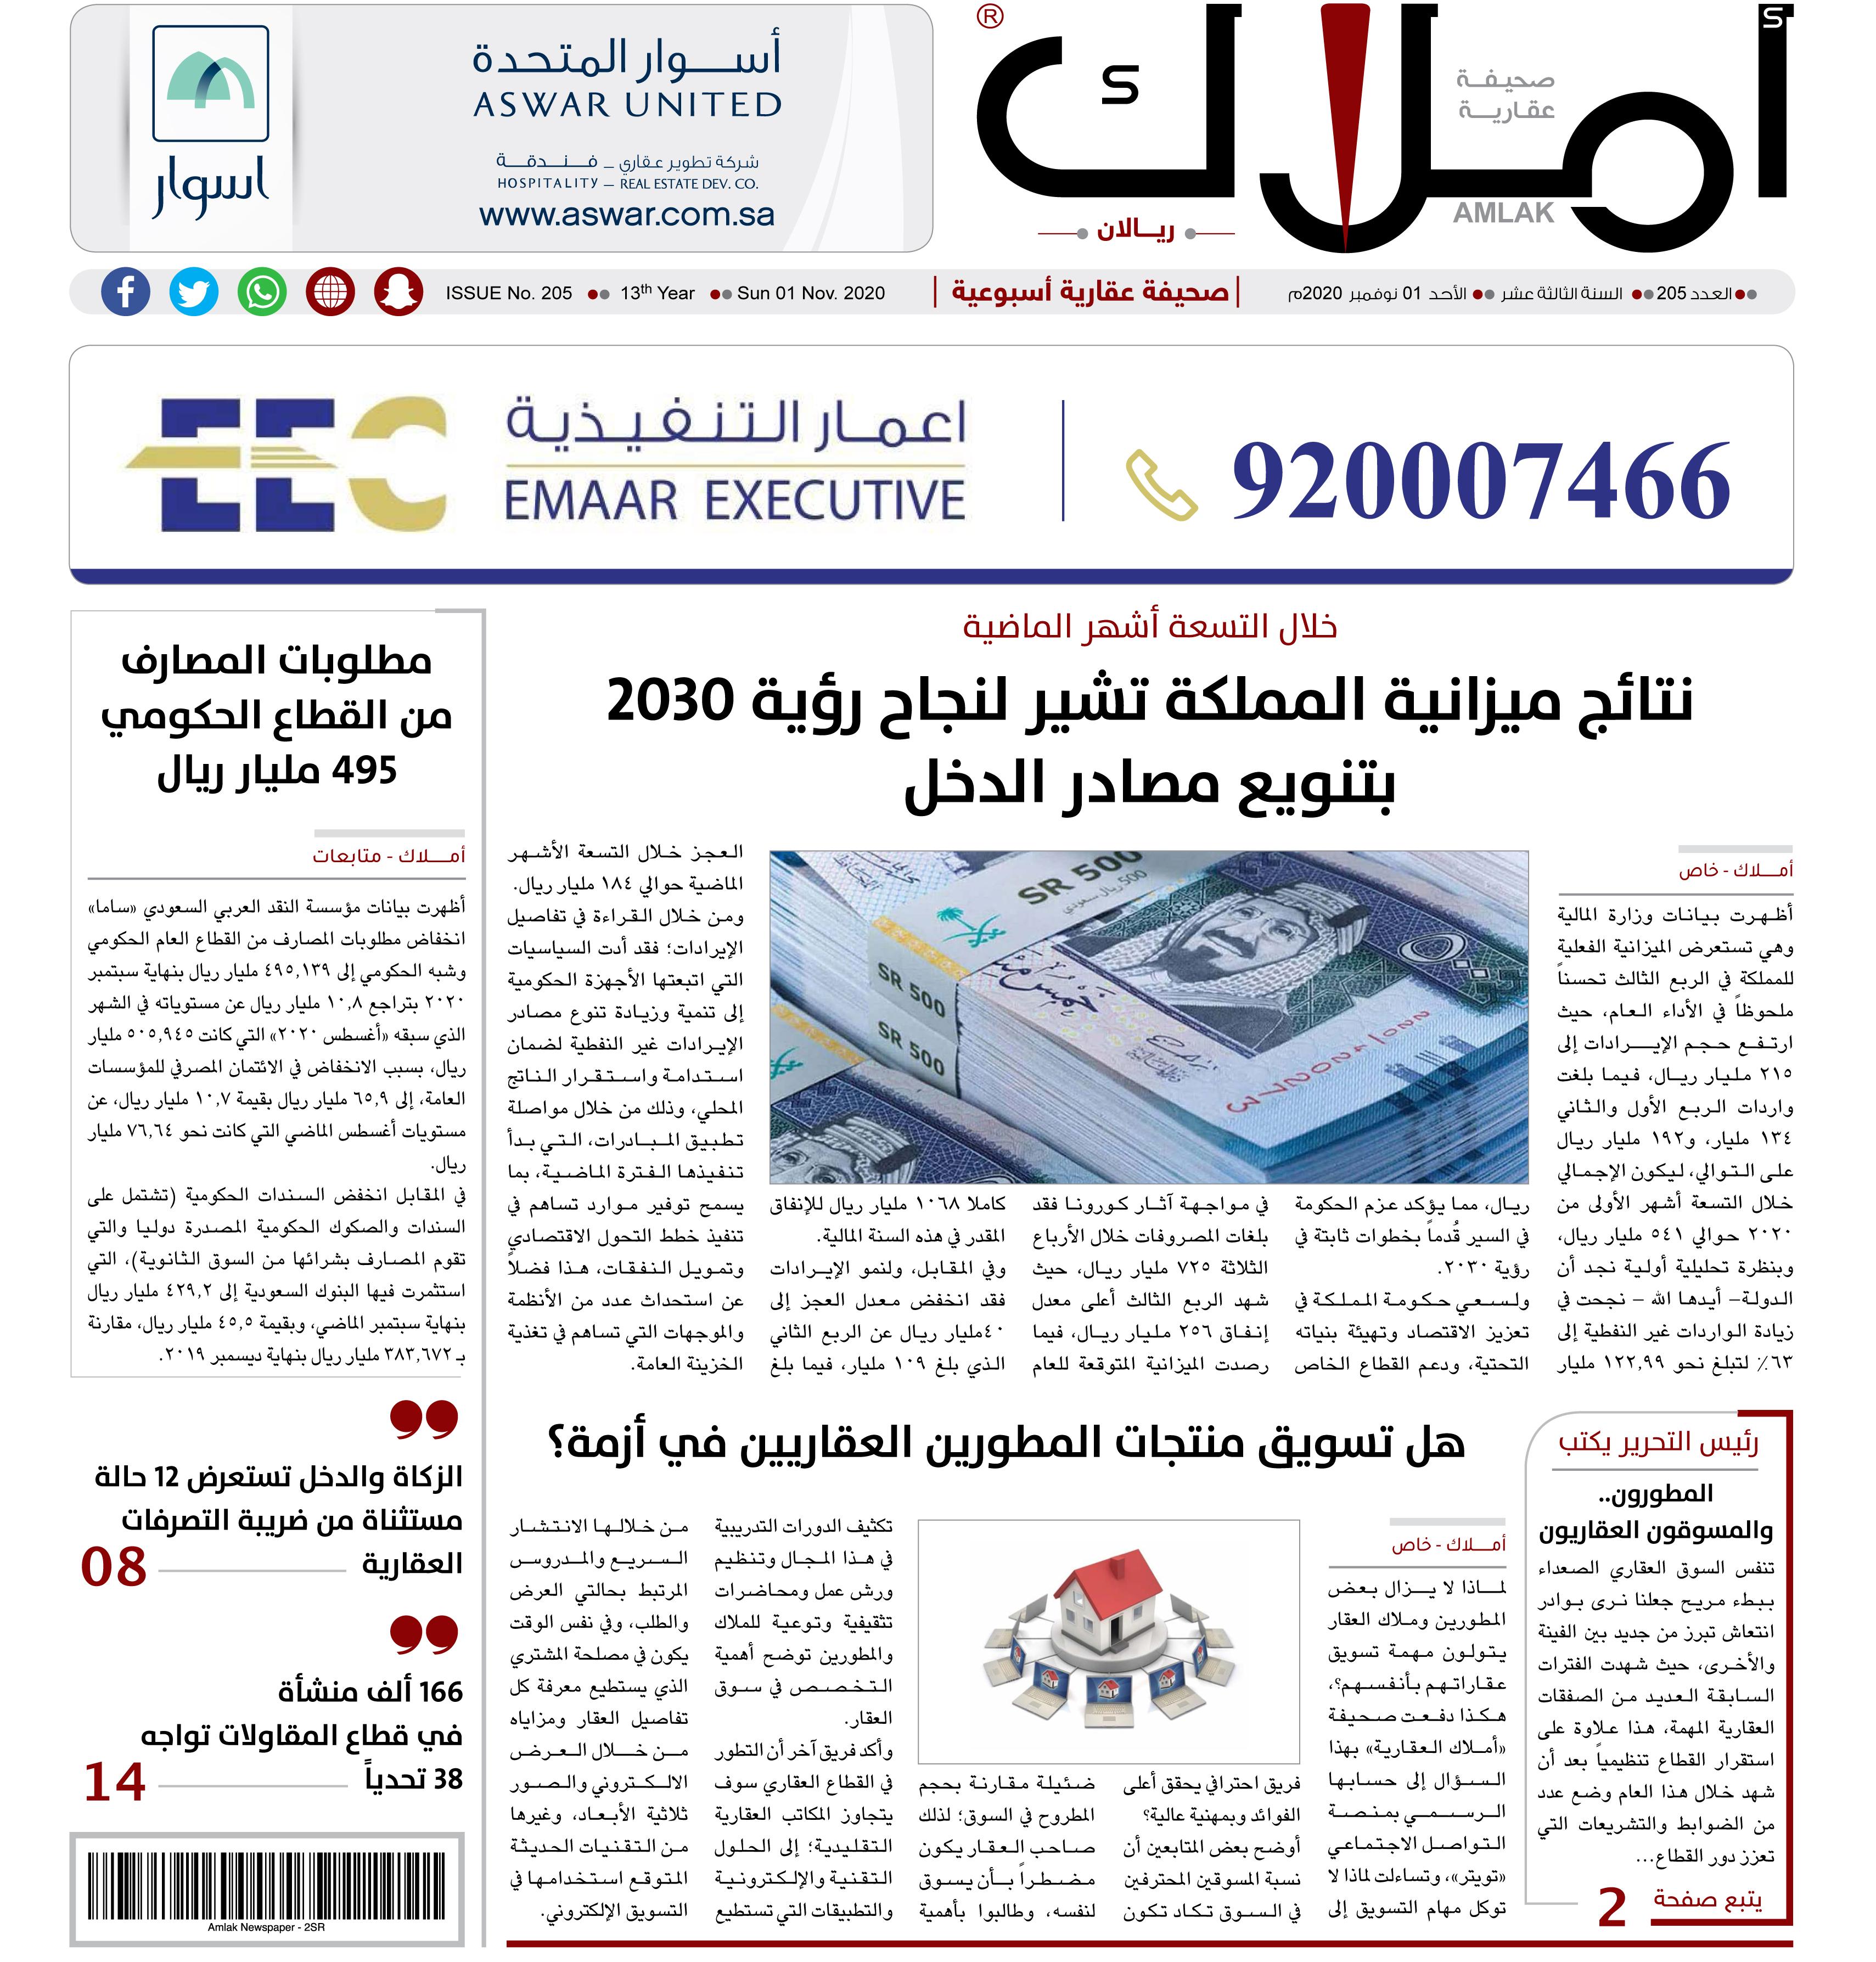 الأخبار العقارية - العدد 205